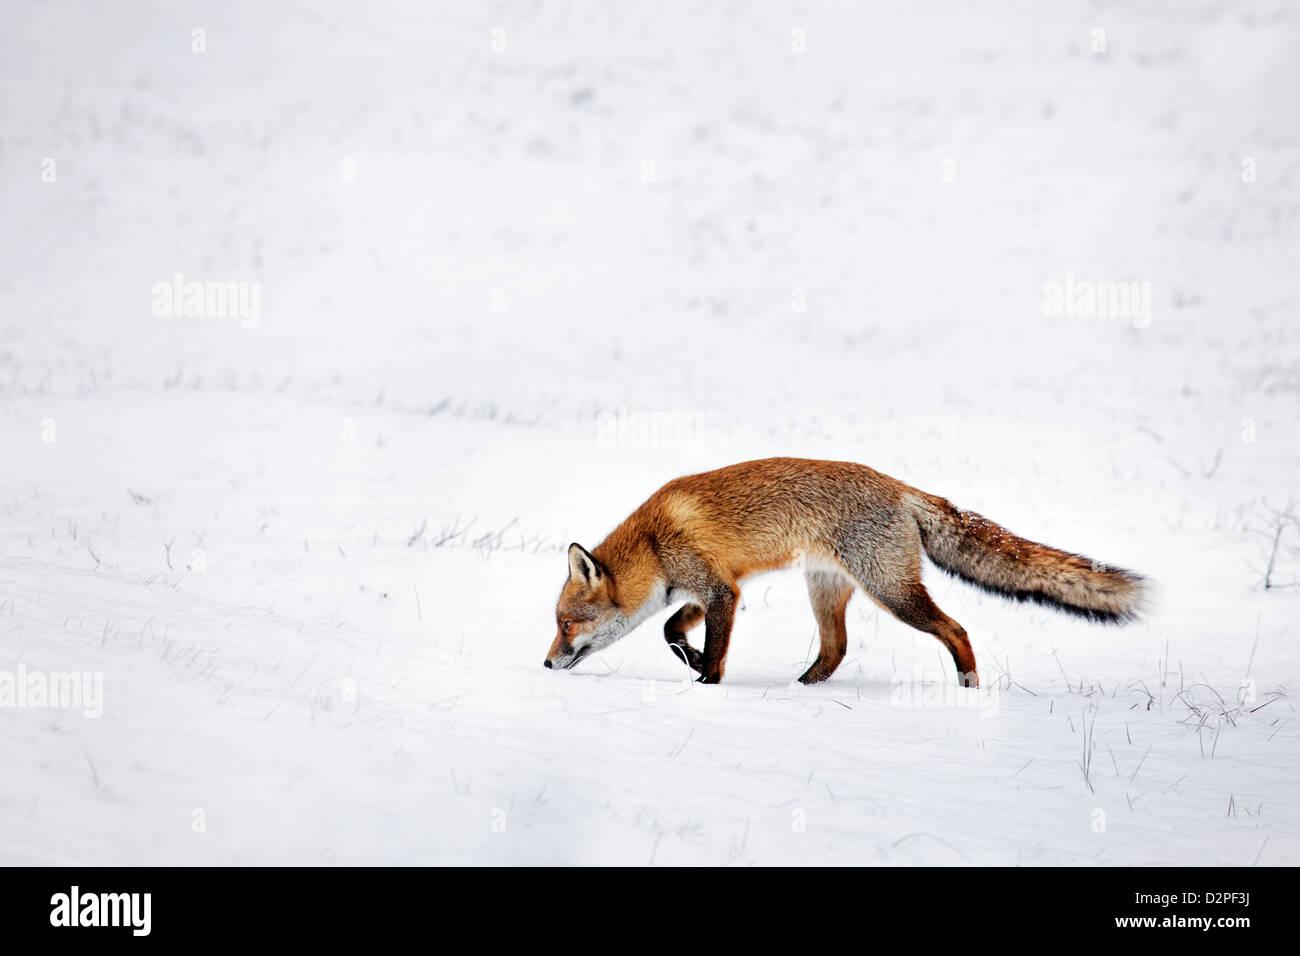 Rotfuchs (Vulpes Vulpes) Jagd überdacht folgenden Duftspur von Beute im Schnee Grünland im winter Stockbild